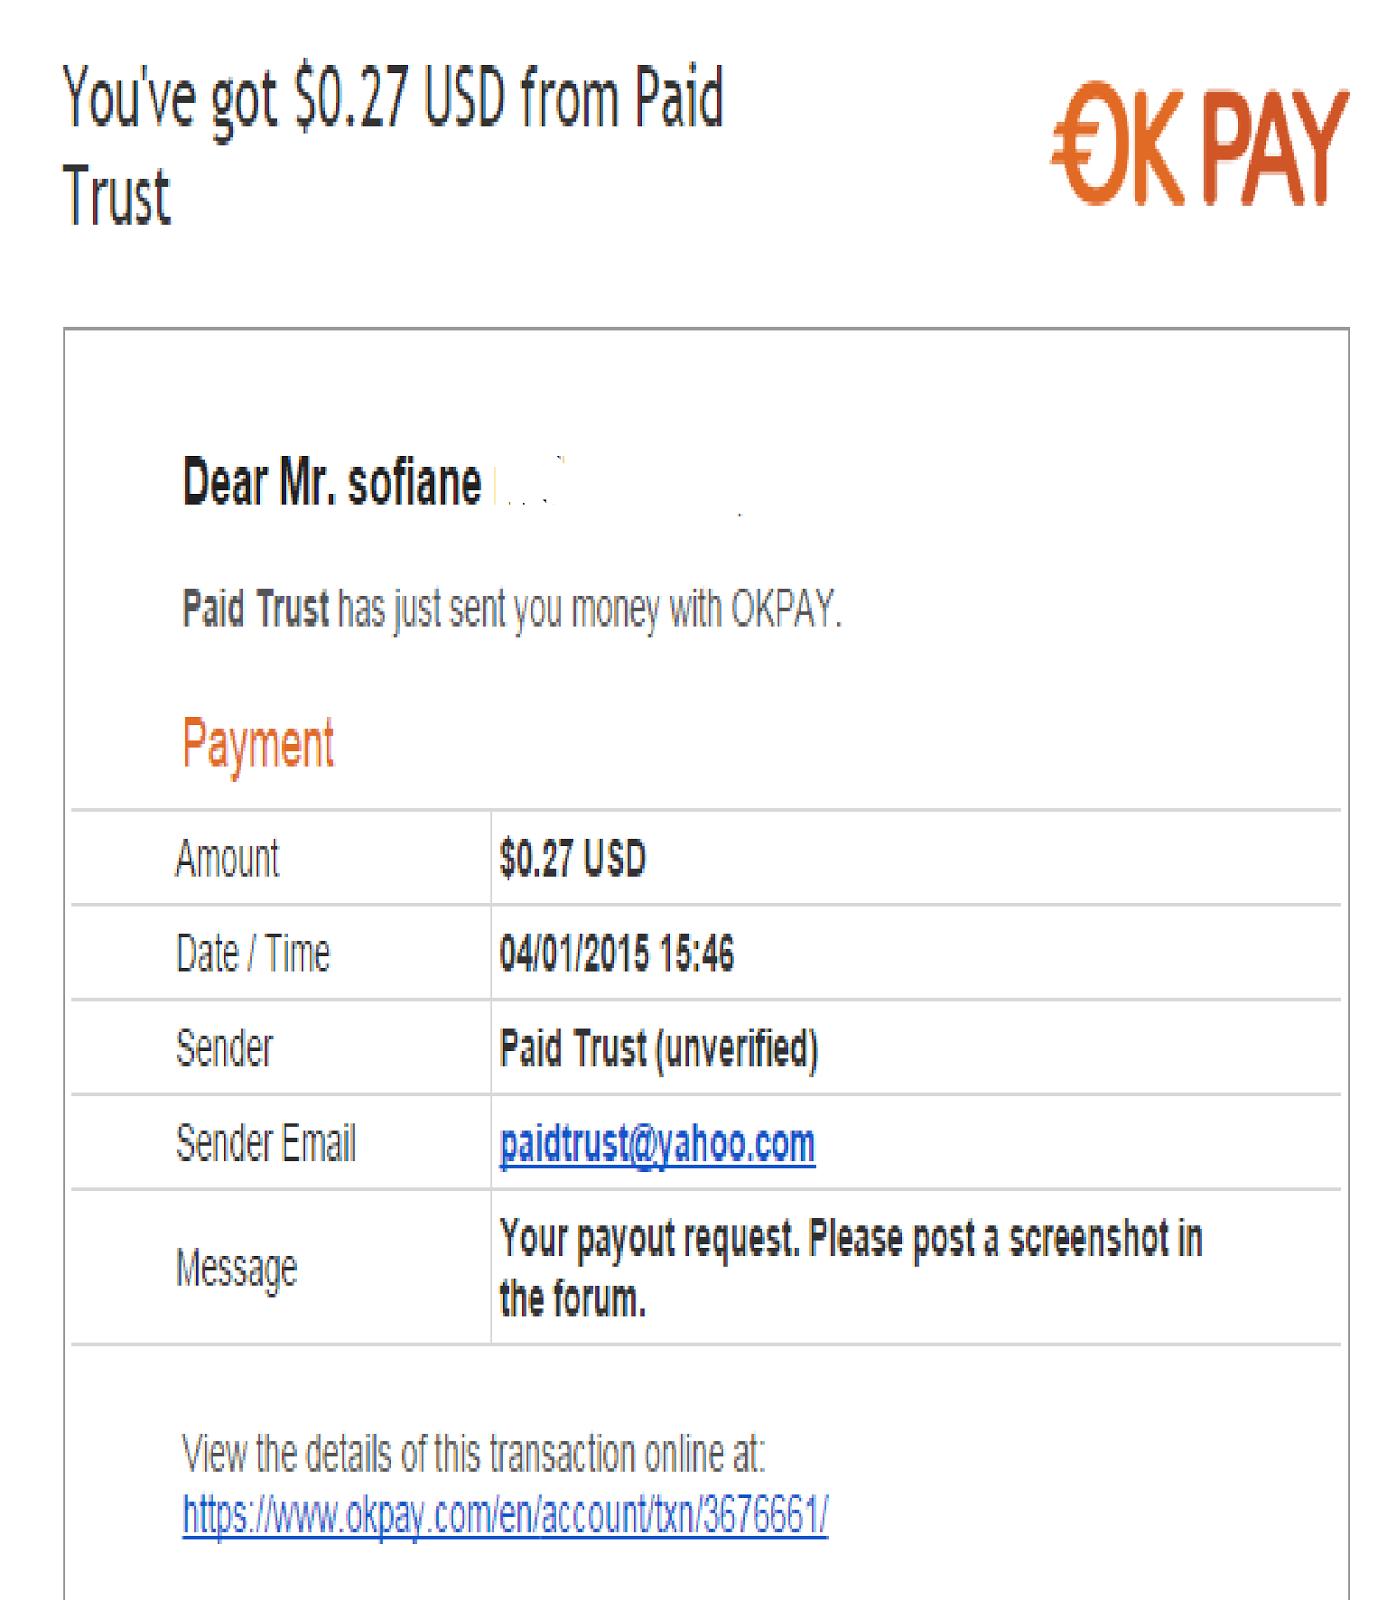 السحب الرابع العملاقة paid trust 3333333333333333.png